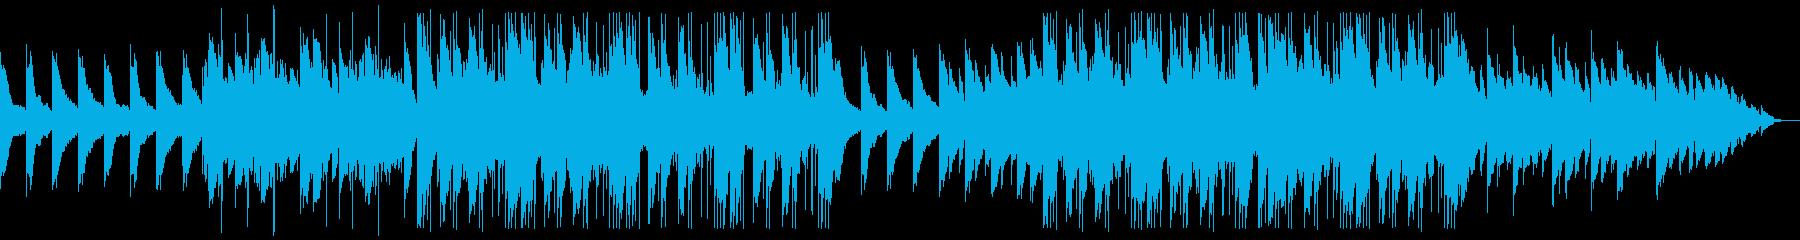 感動的なスローポップ/ピアノとギターと。の再生済みの波形